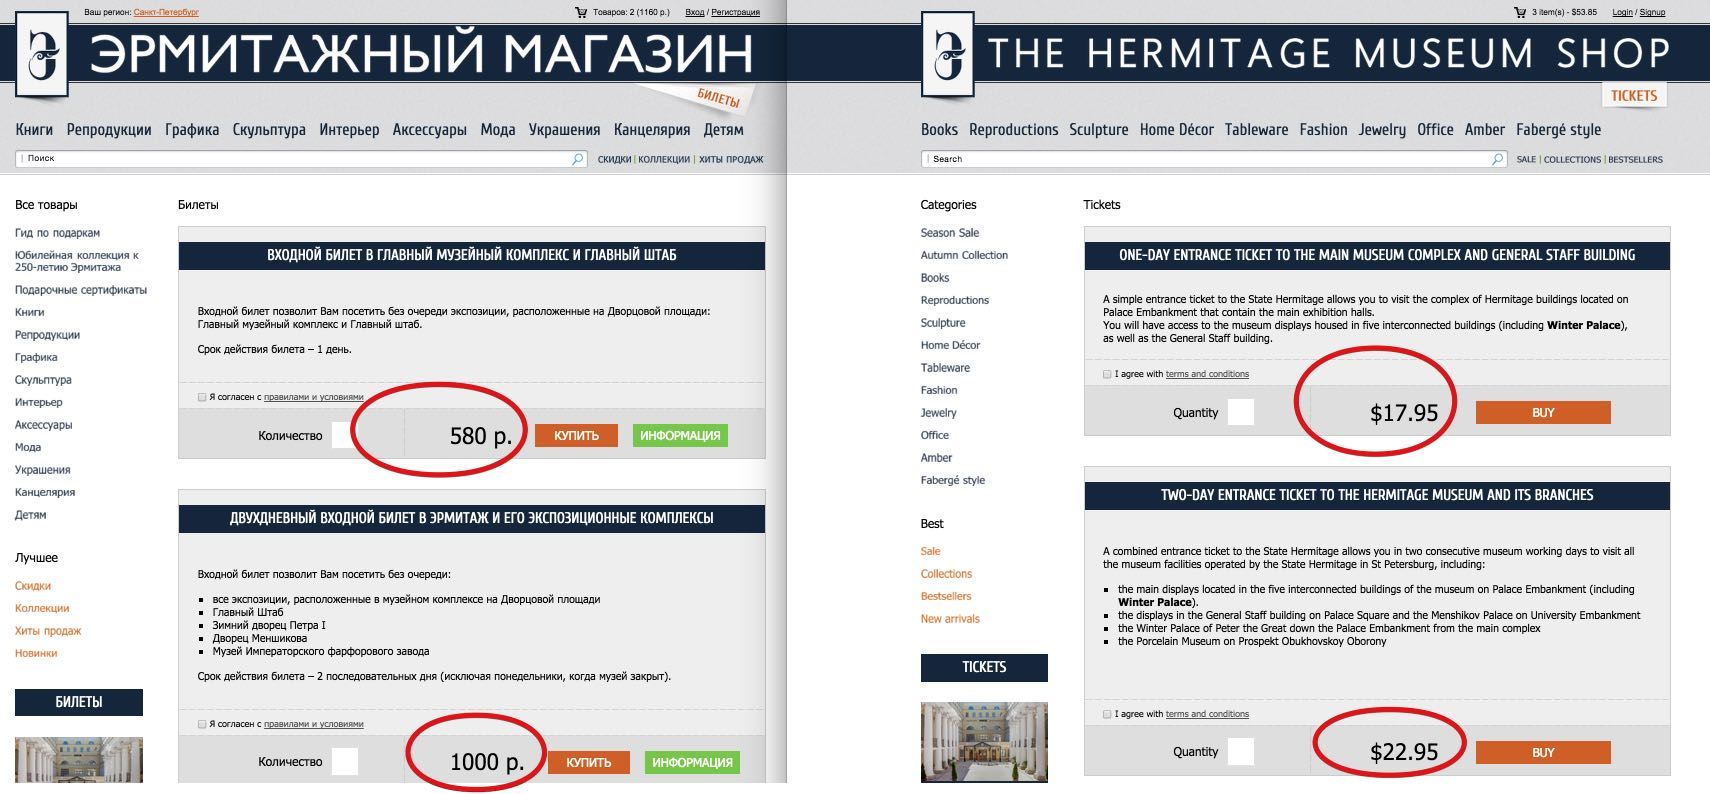 Ticketpreis Hermitage - russische Version und Englisch